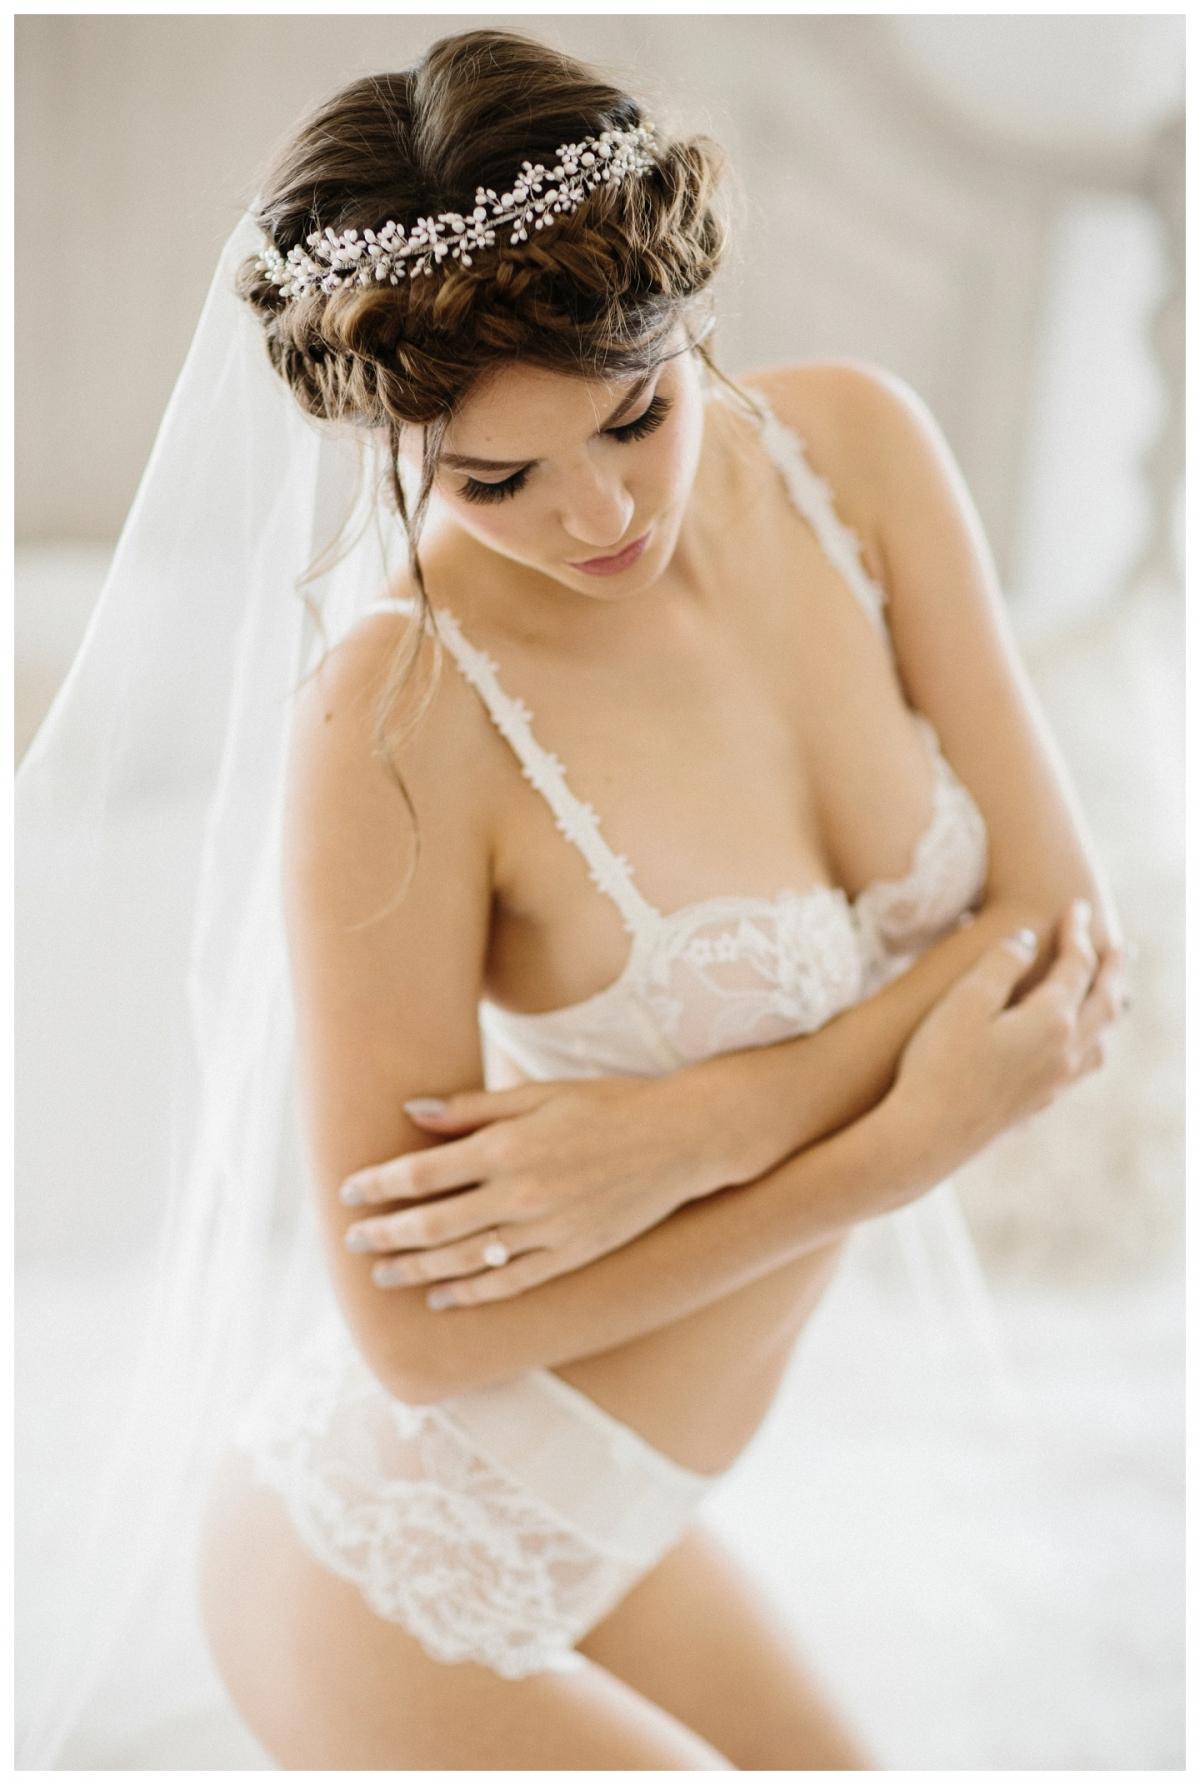 Bridal Boudoir Session Leslie Part I  San Jose Boudoir Photography  Retrospect Images